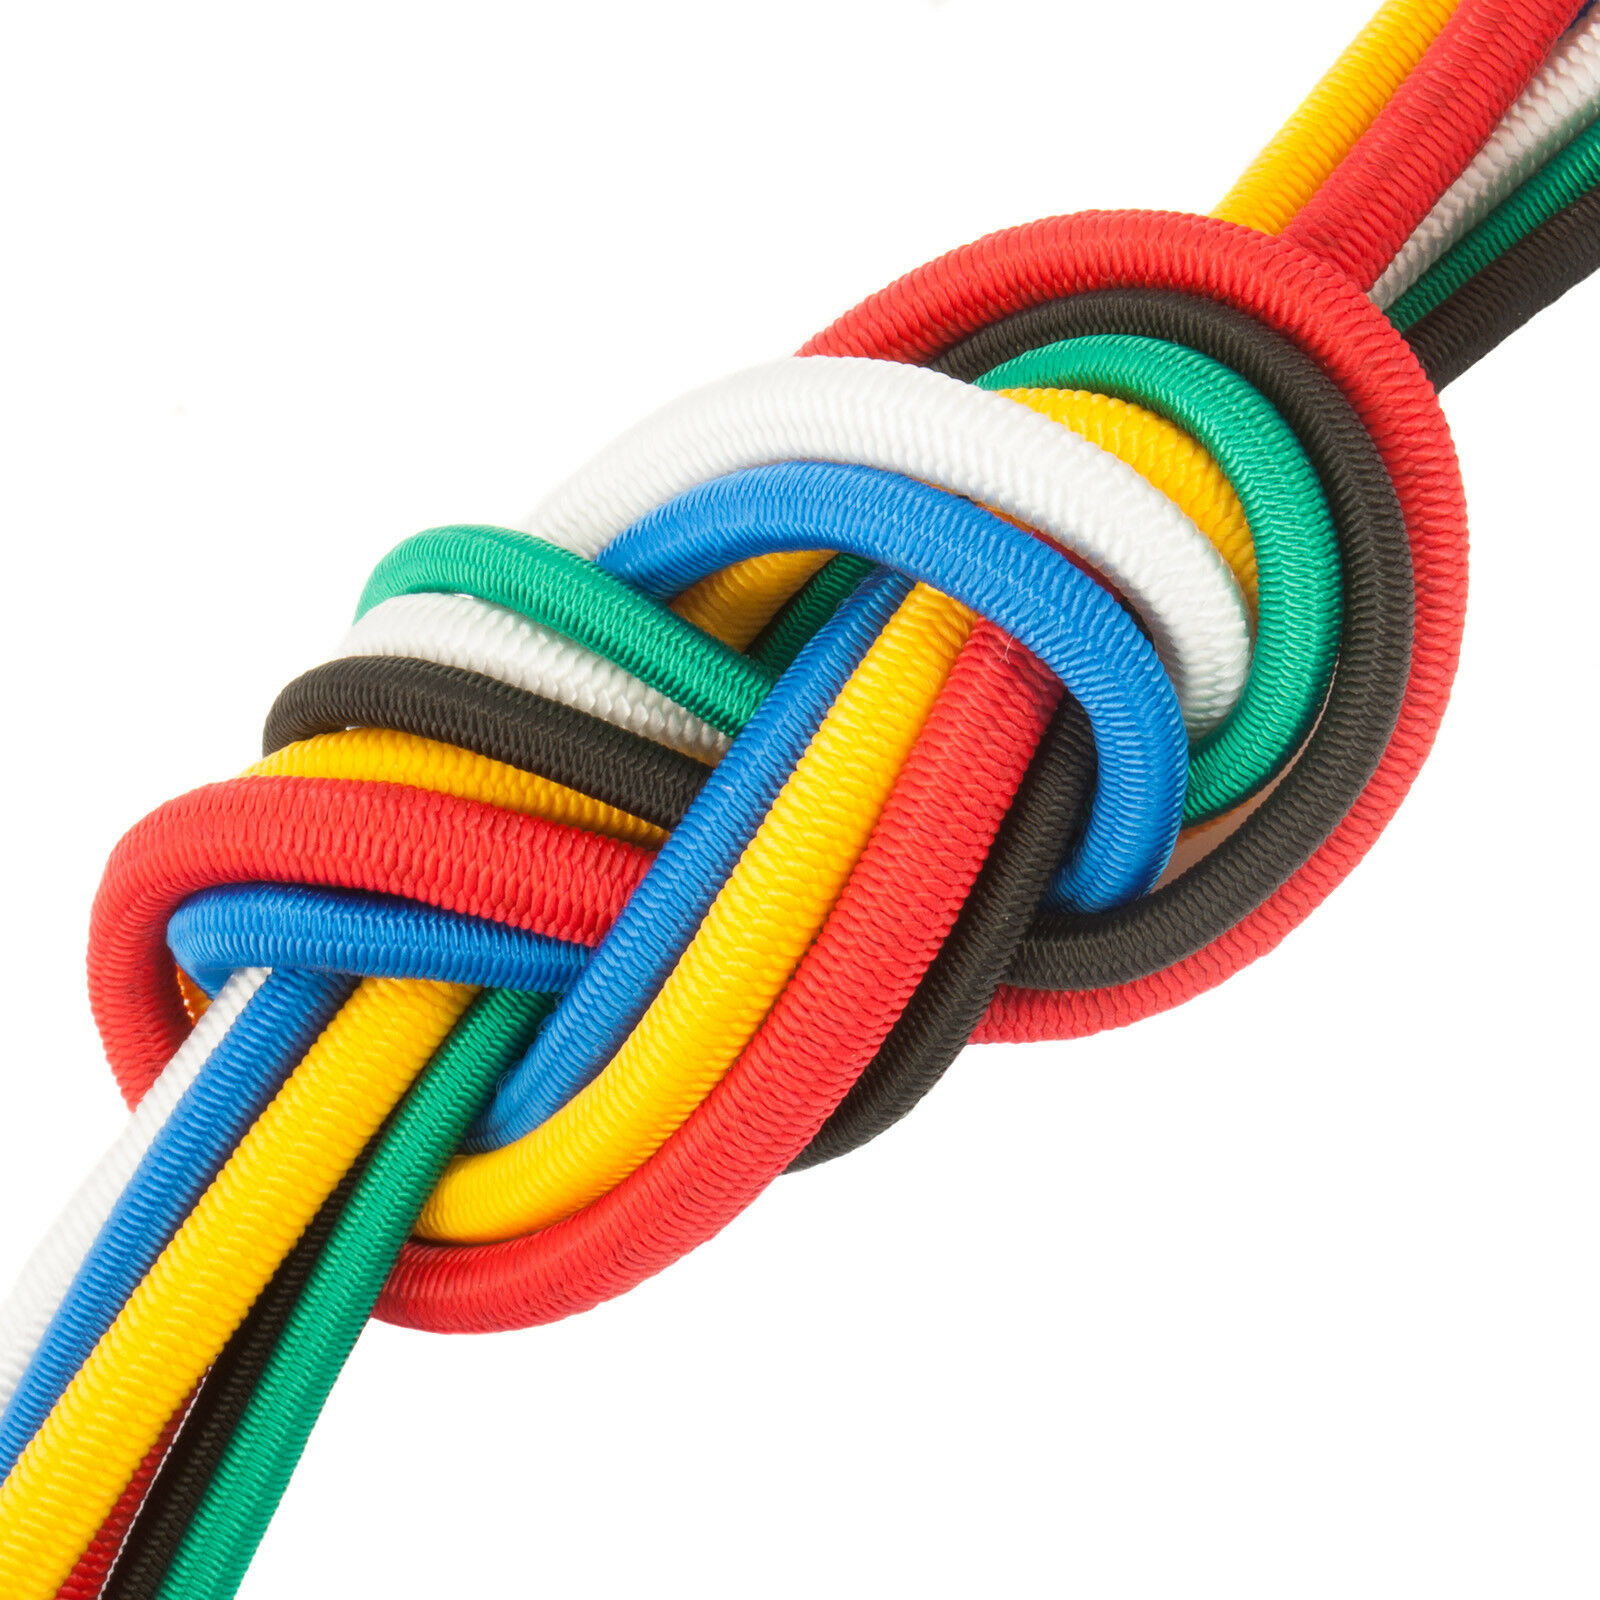 Gummiseil 4mm - 12mm  Expander Seil Seile Gummi Planenseil Spannseil Gummileine